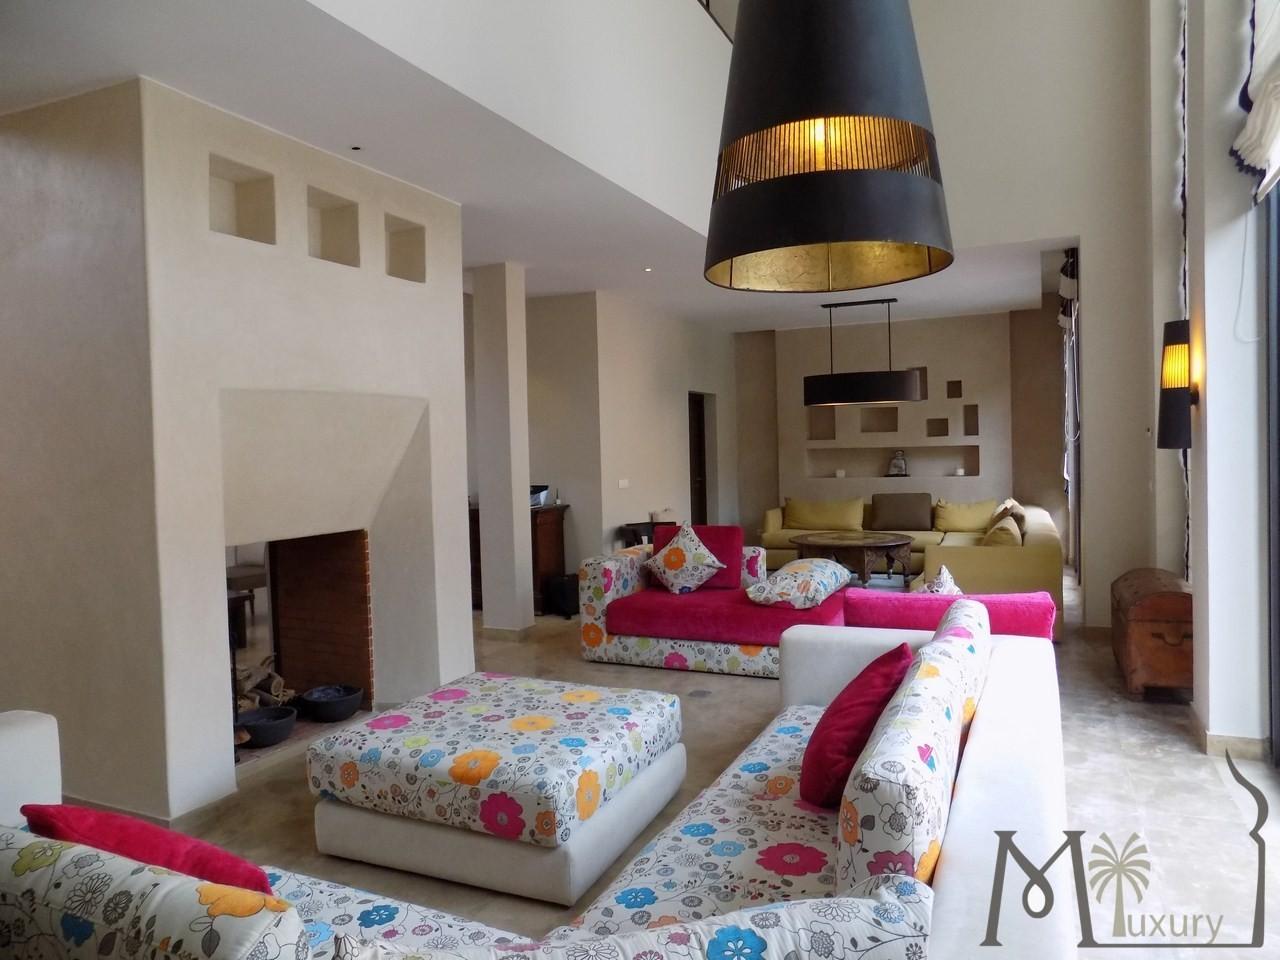 Vente <strong>Villa</strong> Marrakech Amelkis <strong>500 m2</strong>